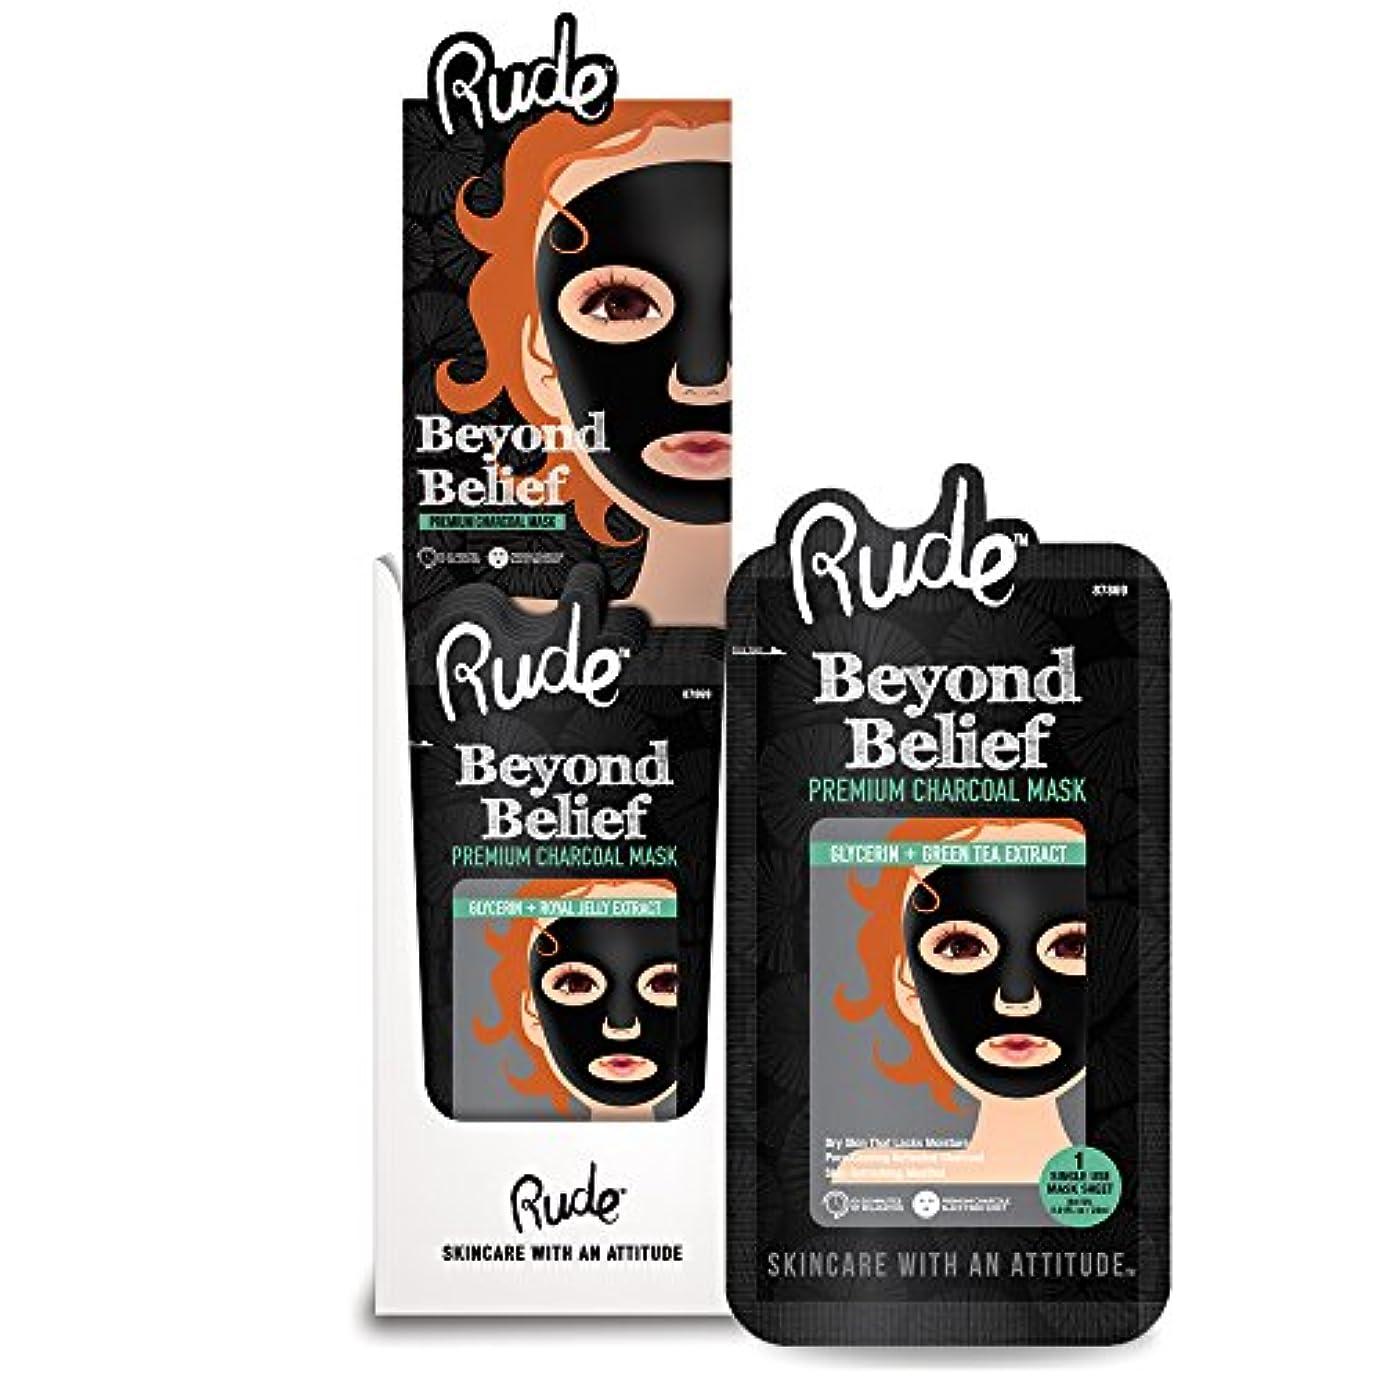 甘やかす服を片付けると闘うRUDE Beyond Belief Purifying Charcoal Mask Display Set, 36 Pieces (並行輸入品)